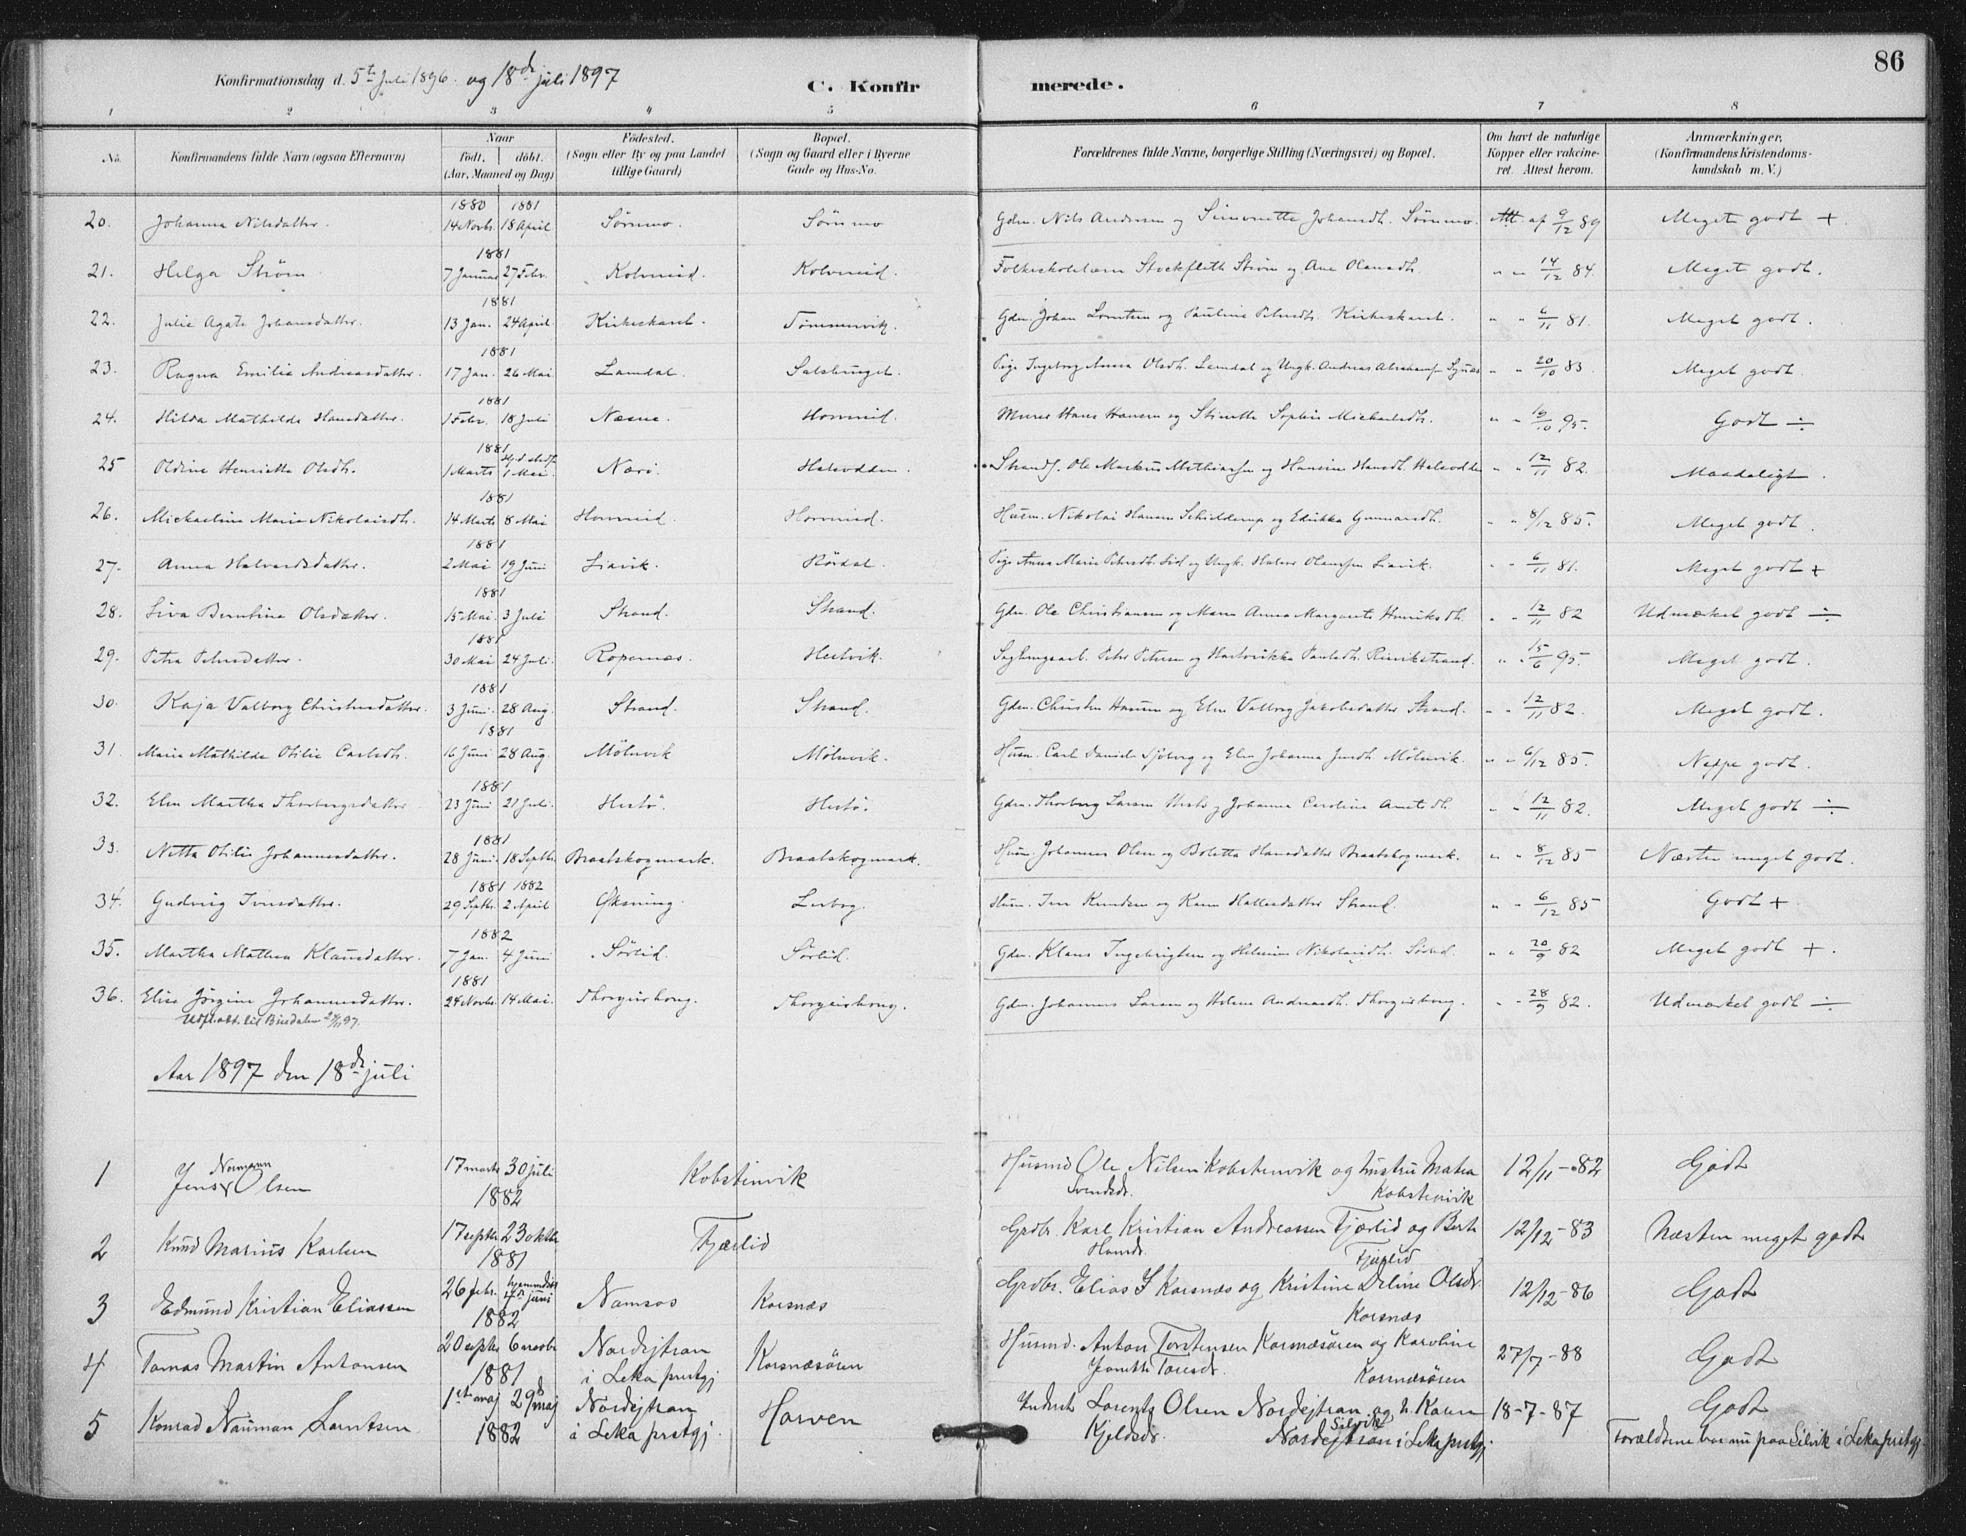 SAT, Ministerialprotokoller, klokkerbøker og fødselsregistre - Nord-Trøndelag, 780/L0644: Ministerialbok nr. 780A08, 1886-1903, s. 86